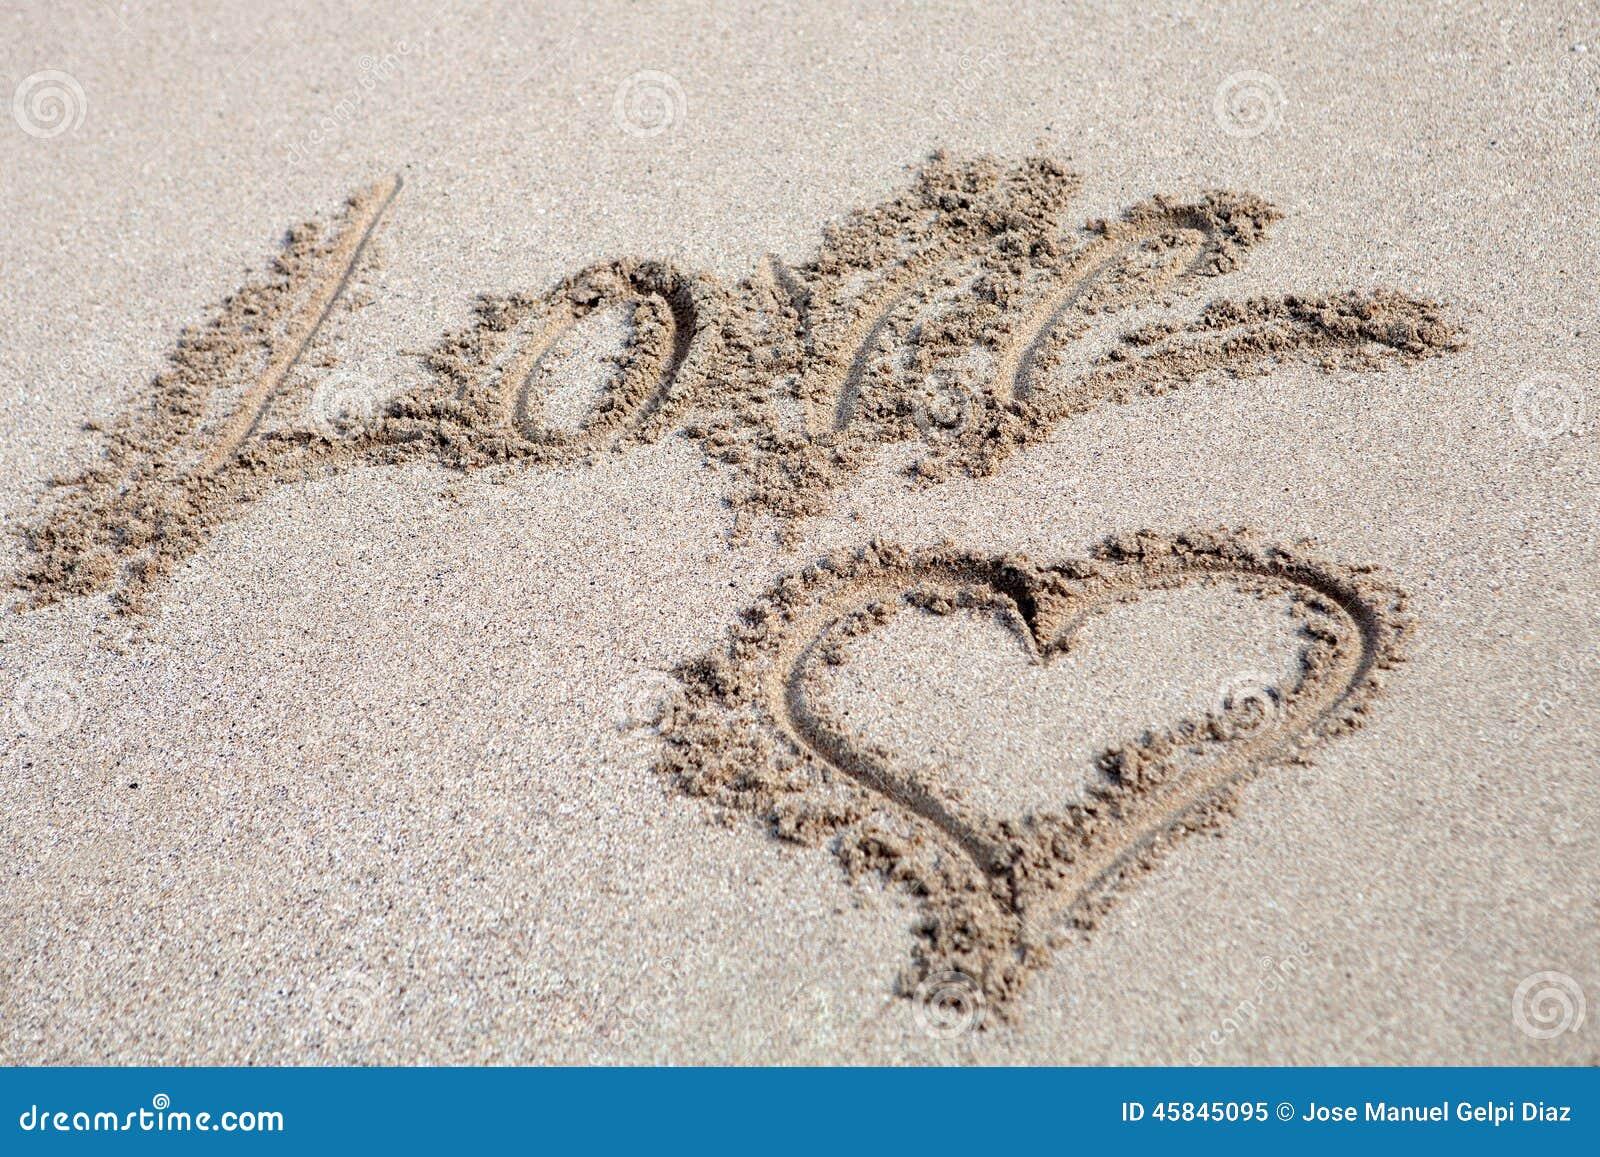 Amor Escrito En Arena: Ame Escrito En La Arena Con Un Dibujo Del Hogar Foto De